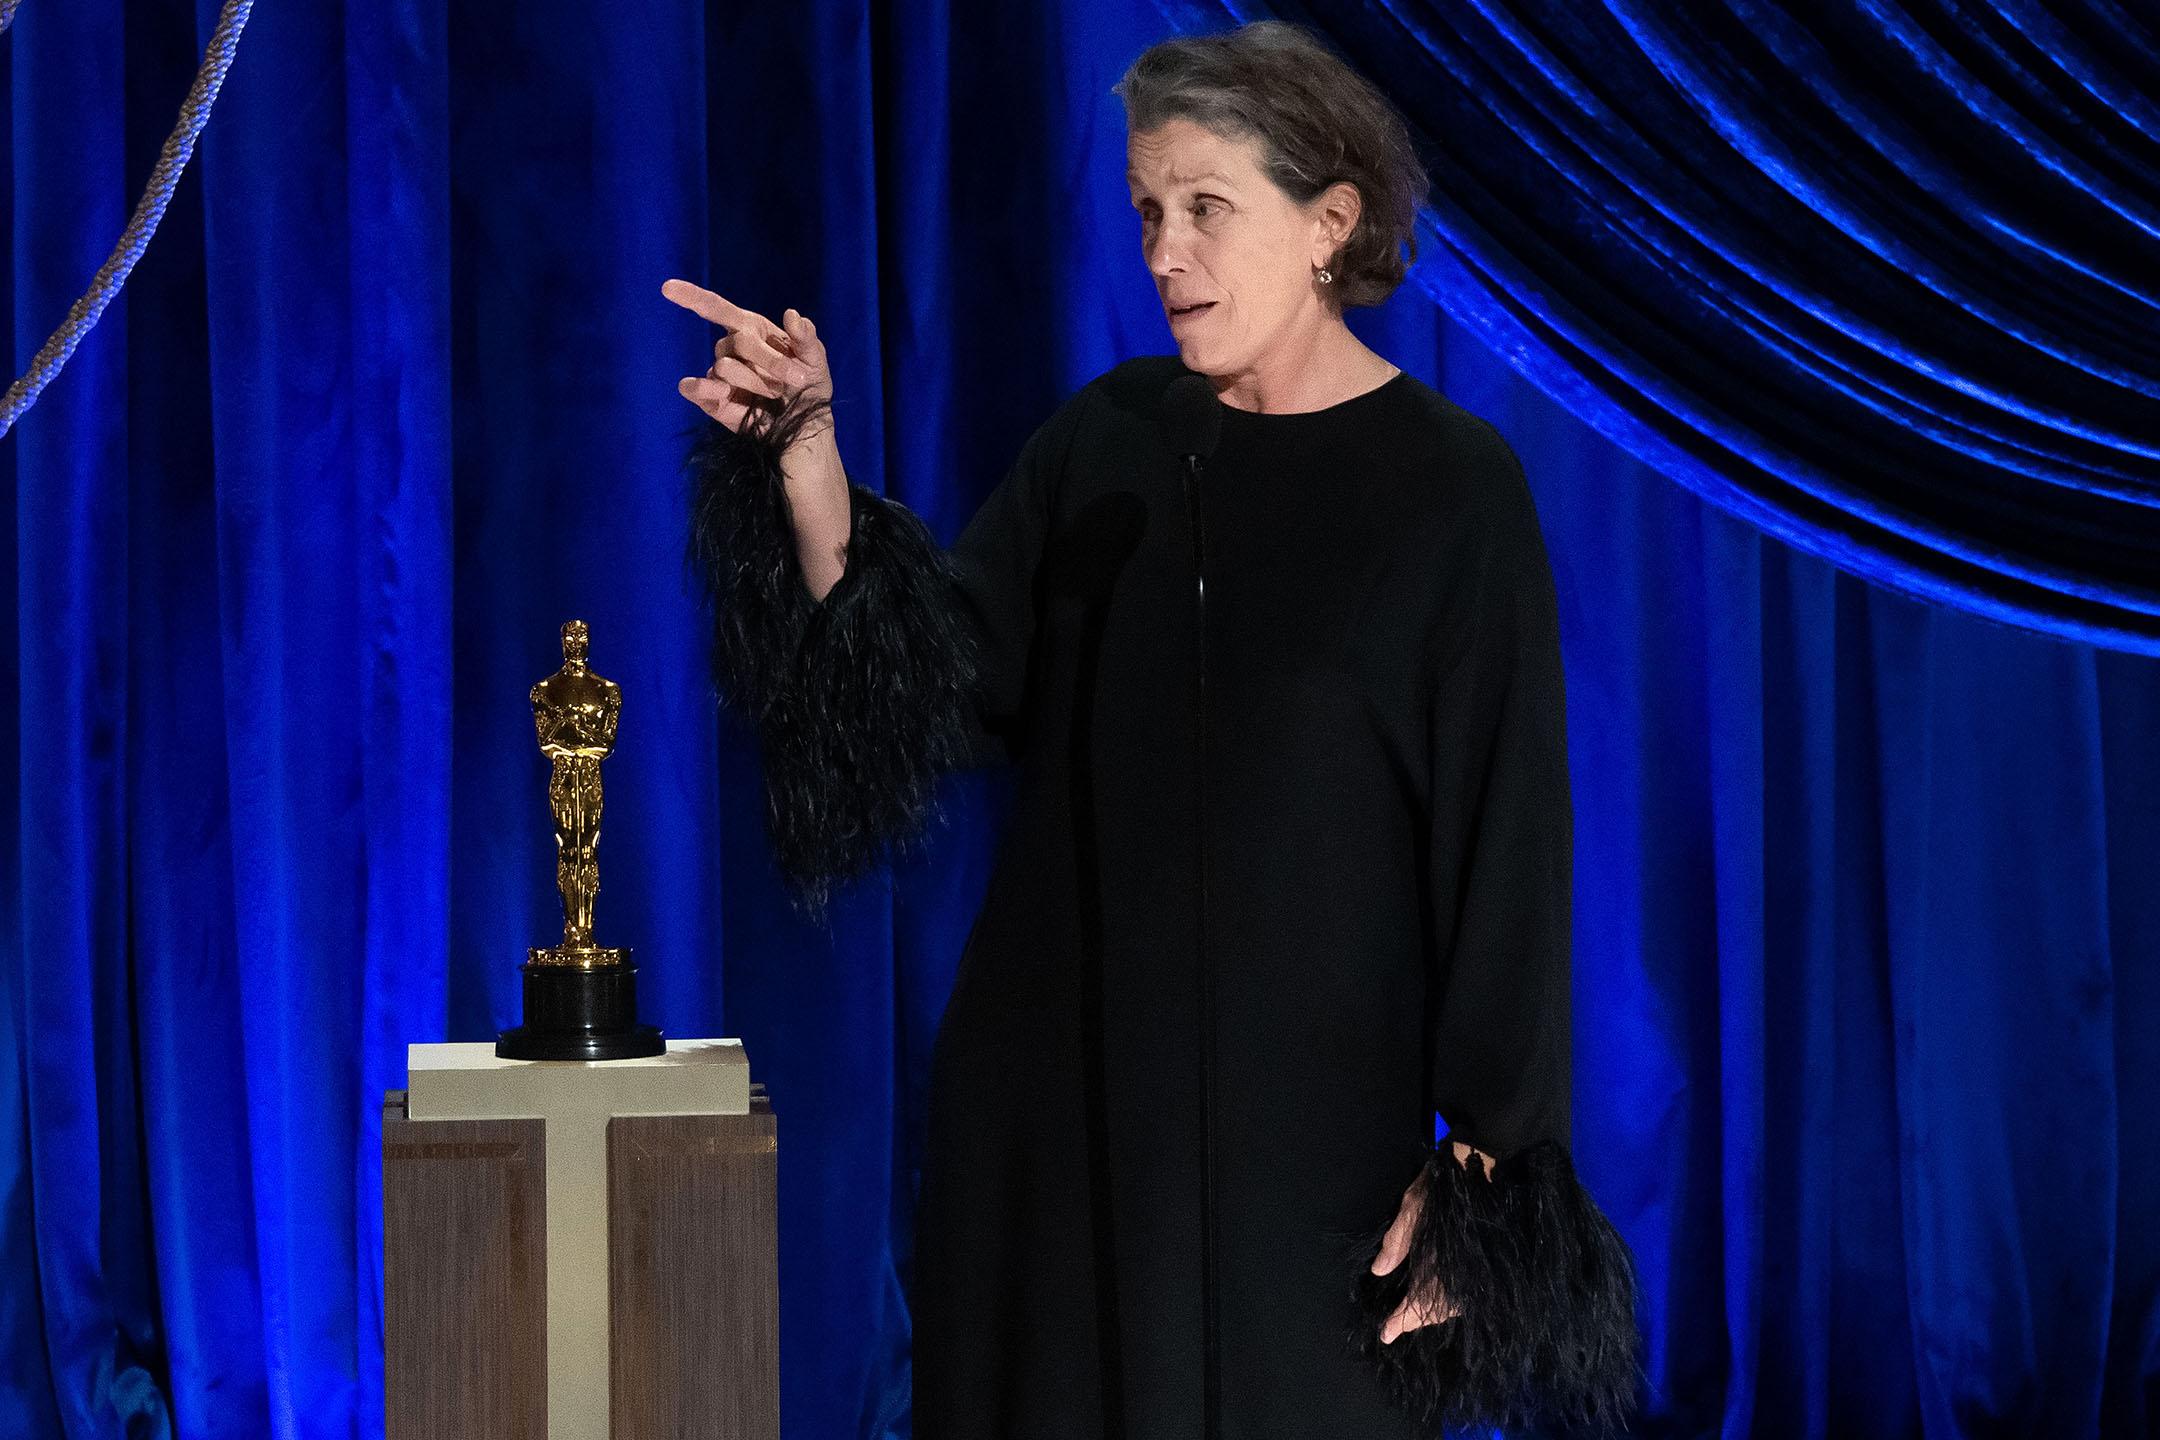 2021年4月25日洛杉磯,法蘭西絲.麥多曼(Frances McDormand)憑《游牧人生》獲奧斯卡最佳女主角獎。